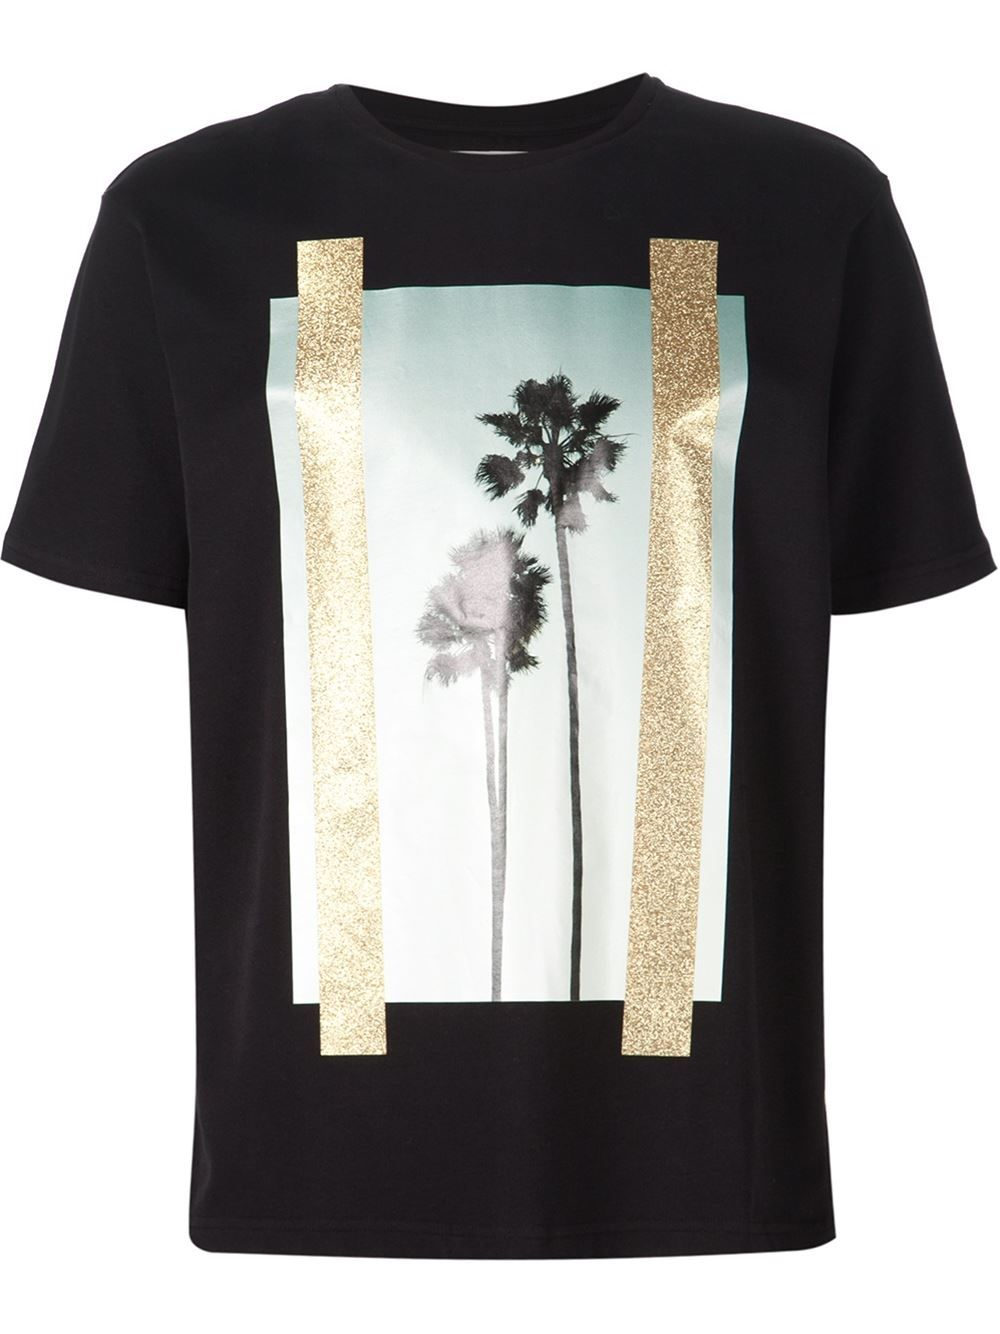 2bbefcd825b Palm Angels Palm Tree Print T-shirt - Minetti - Farfetch.com